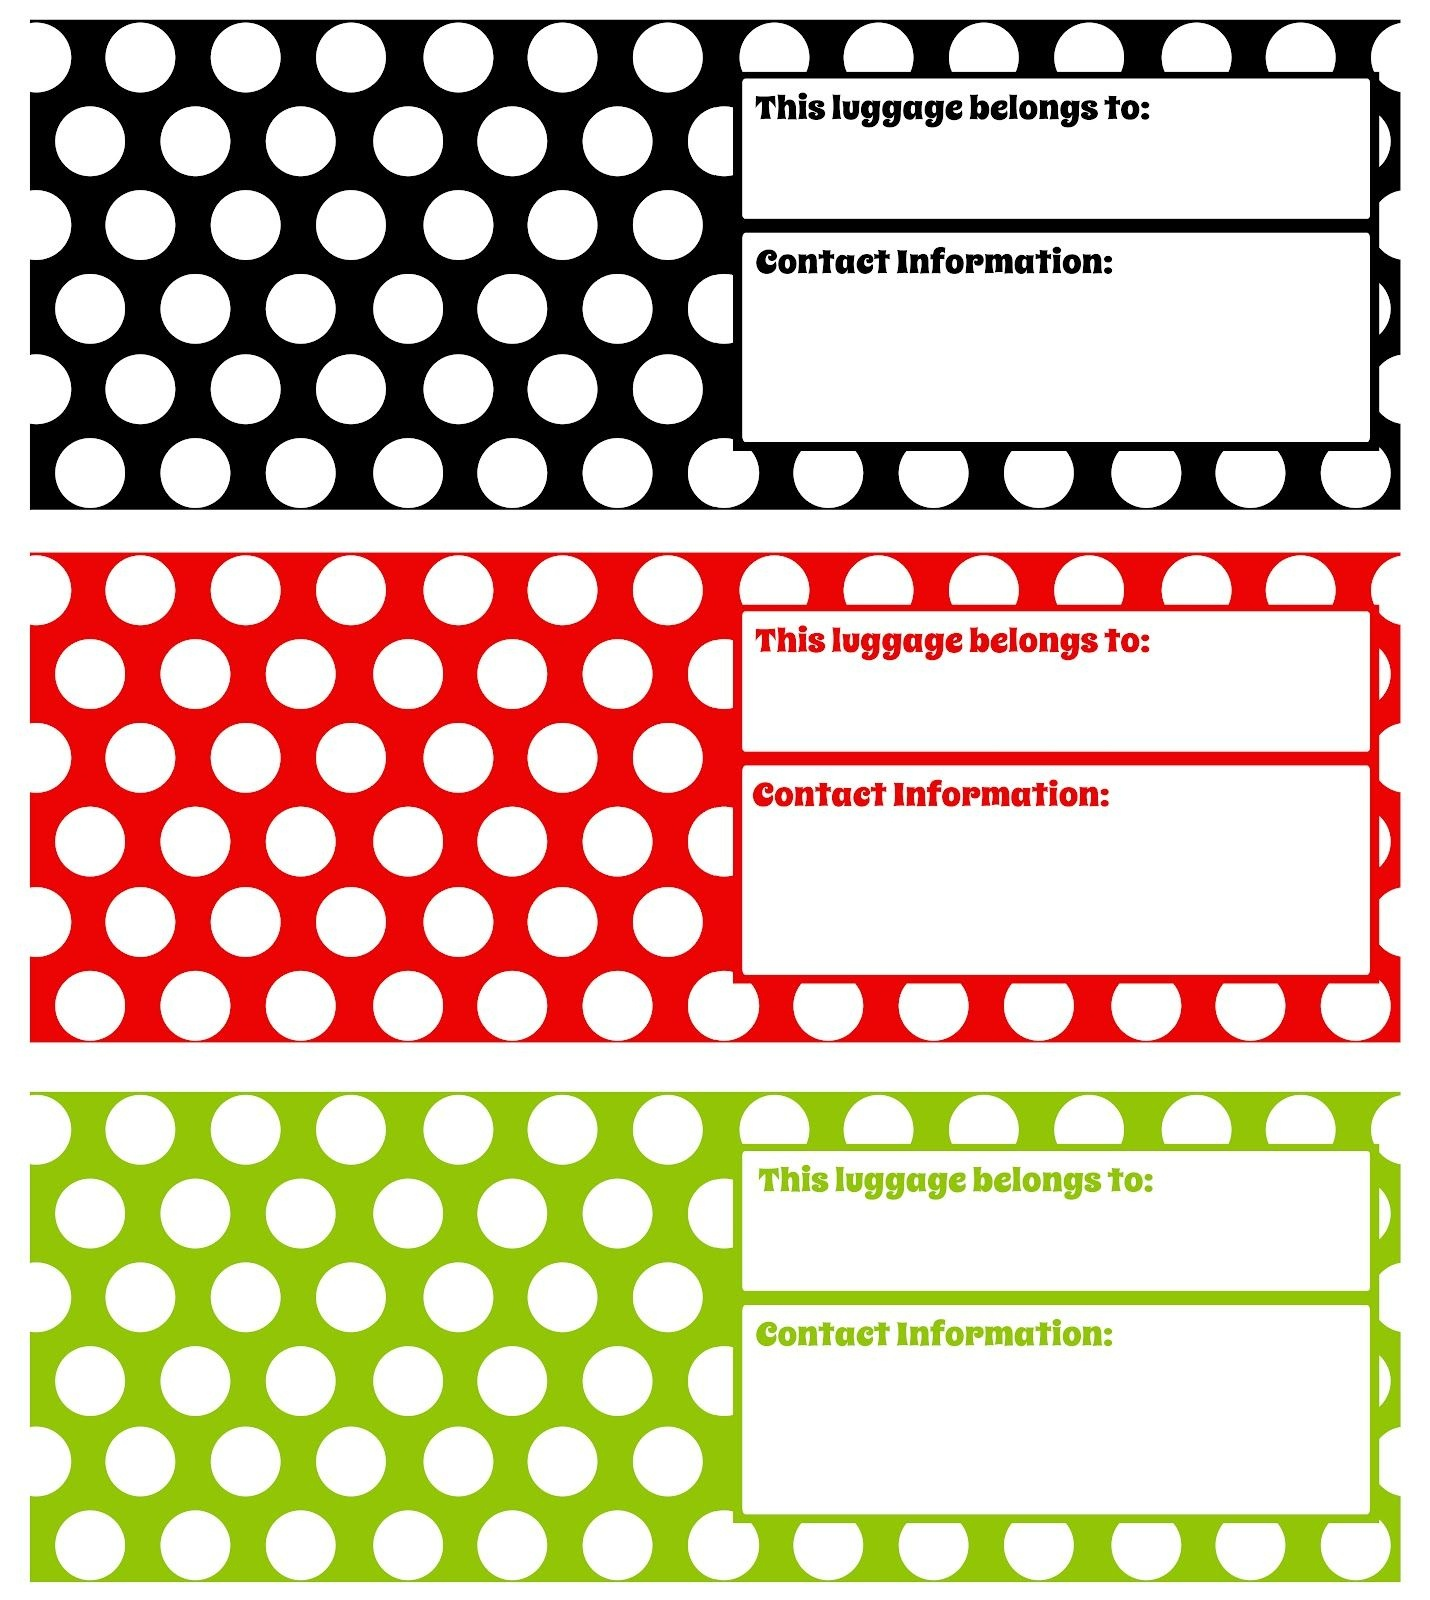 Printable Luggage Tags - Darling Doodles | Darling Doodles | Misc - Free Printable Luggage Tags